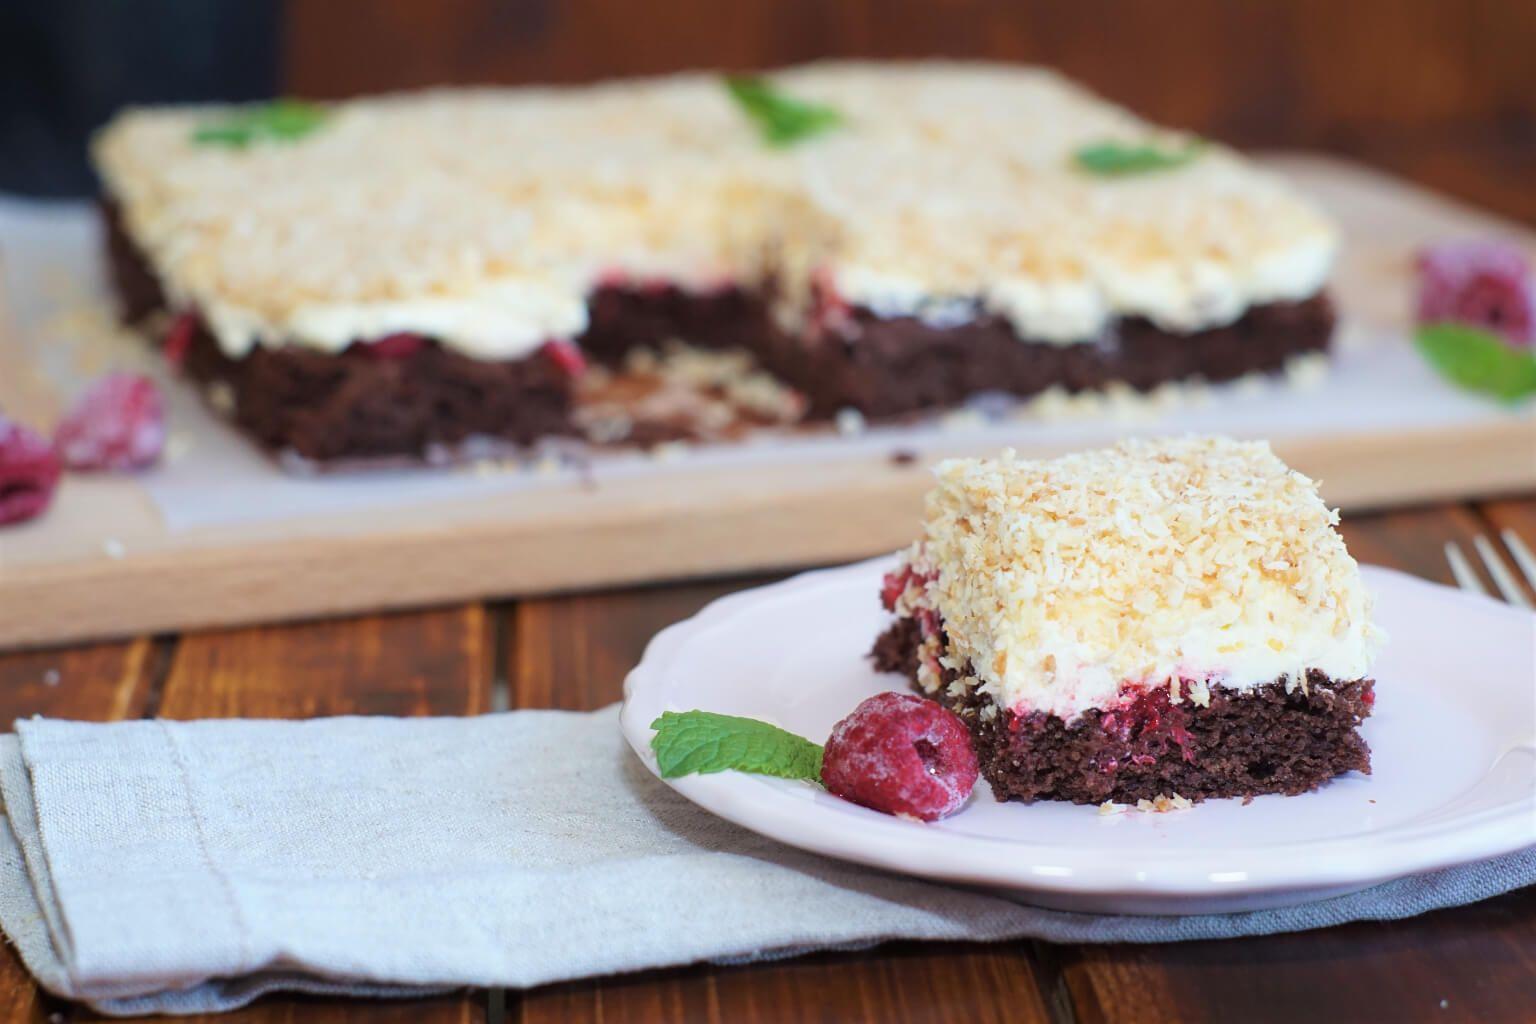 Affektblog De Mit Liebe Zum Detail Leckere Kuchen Kaffee Und Kuchen Kuchen